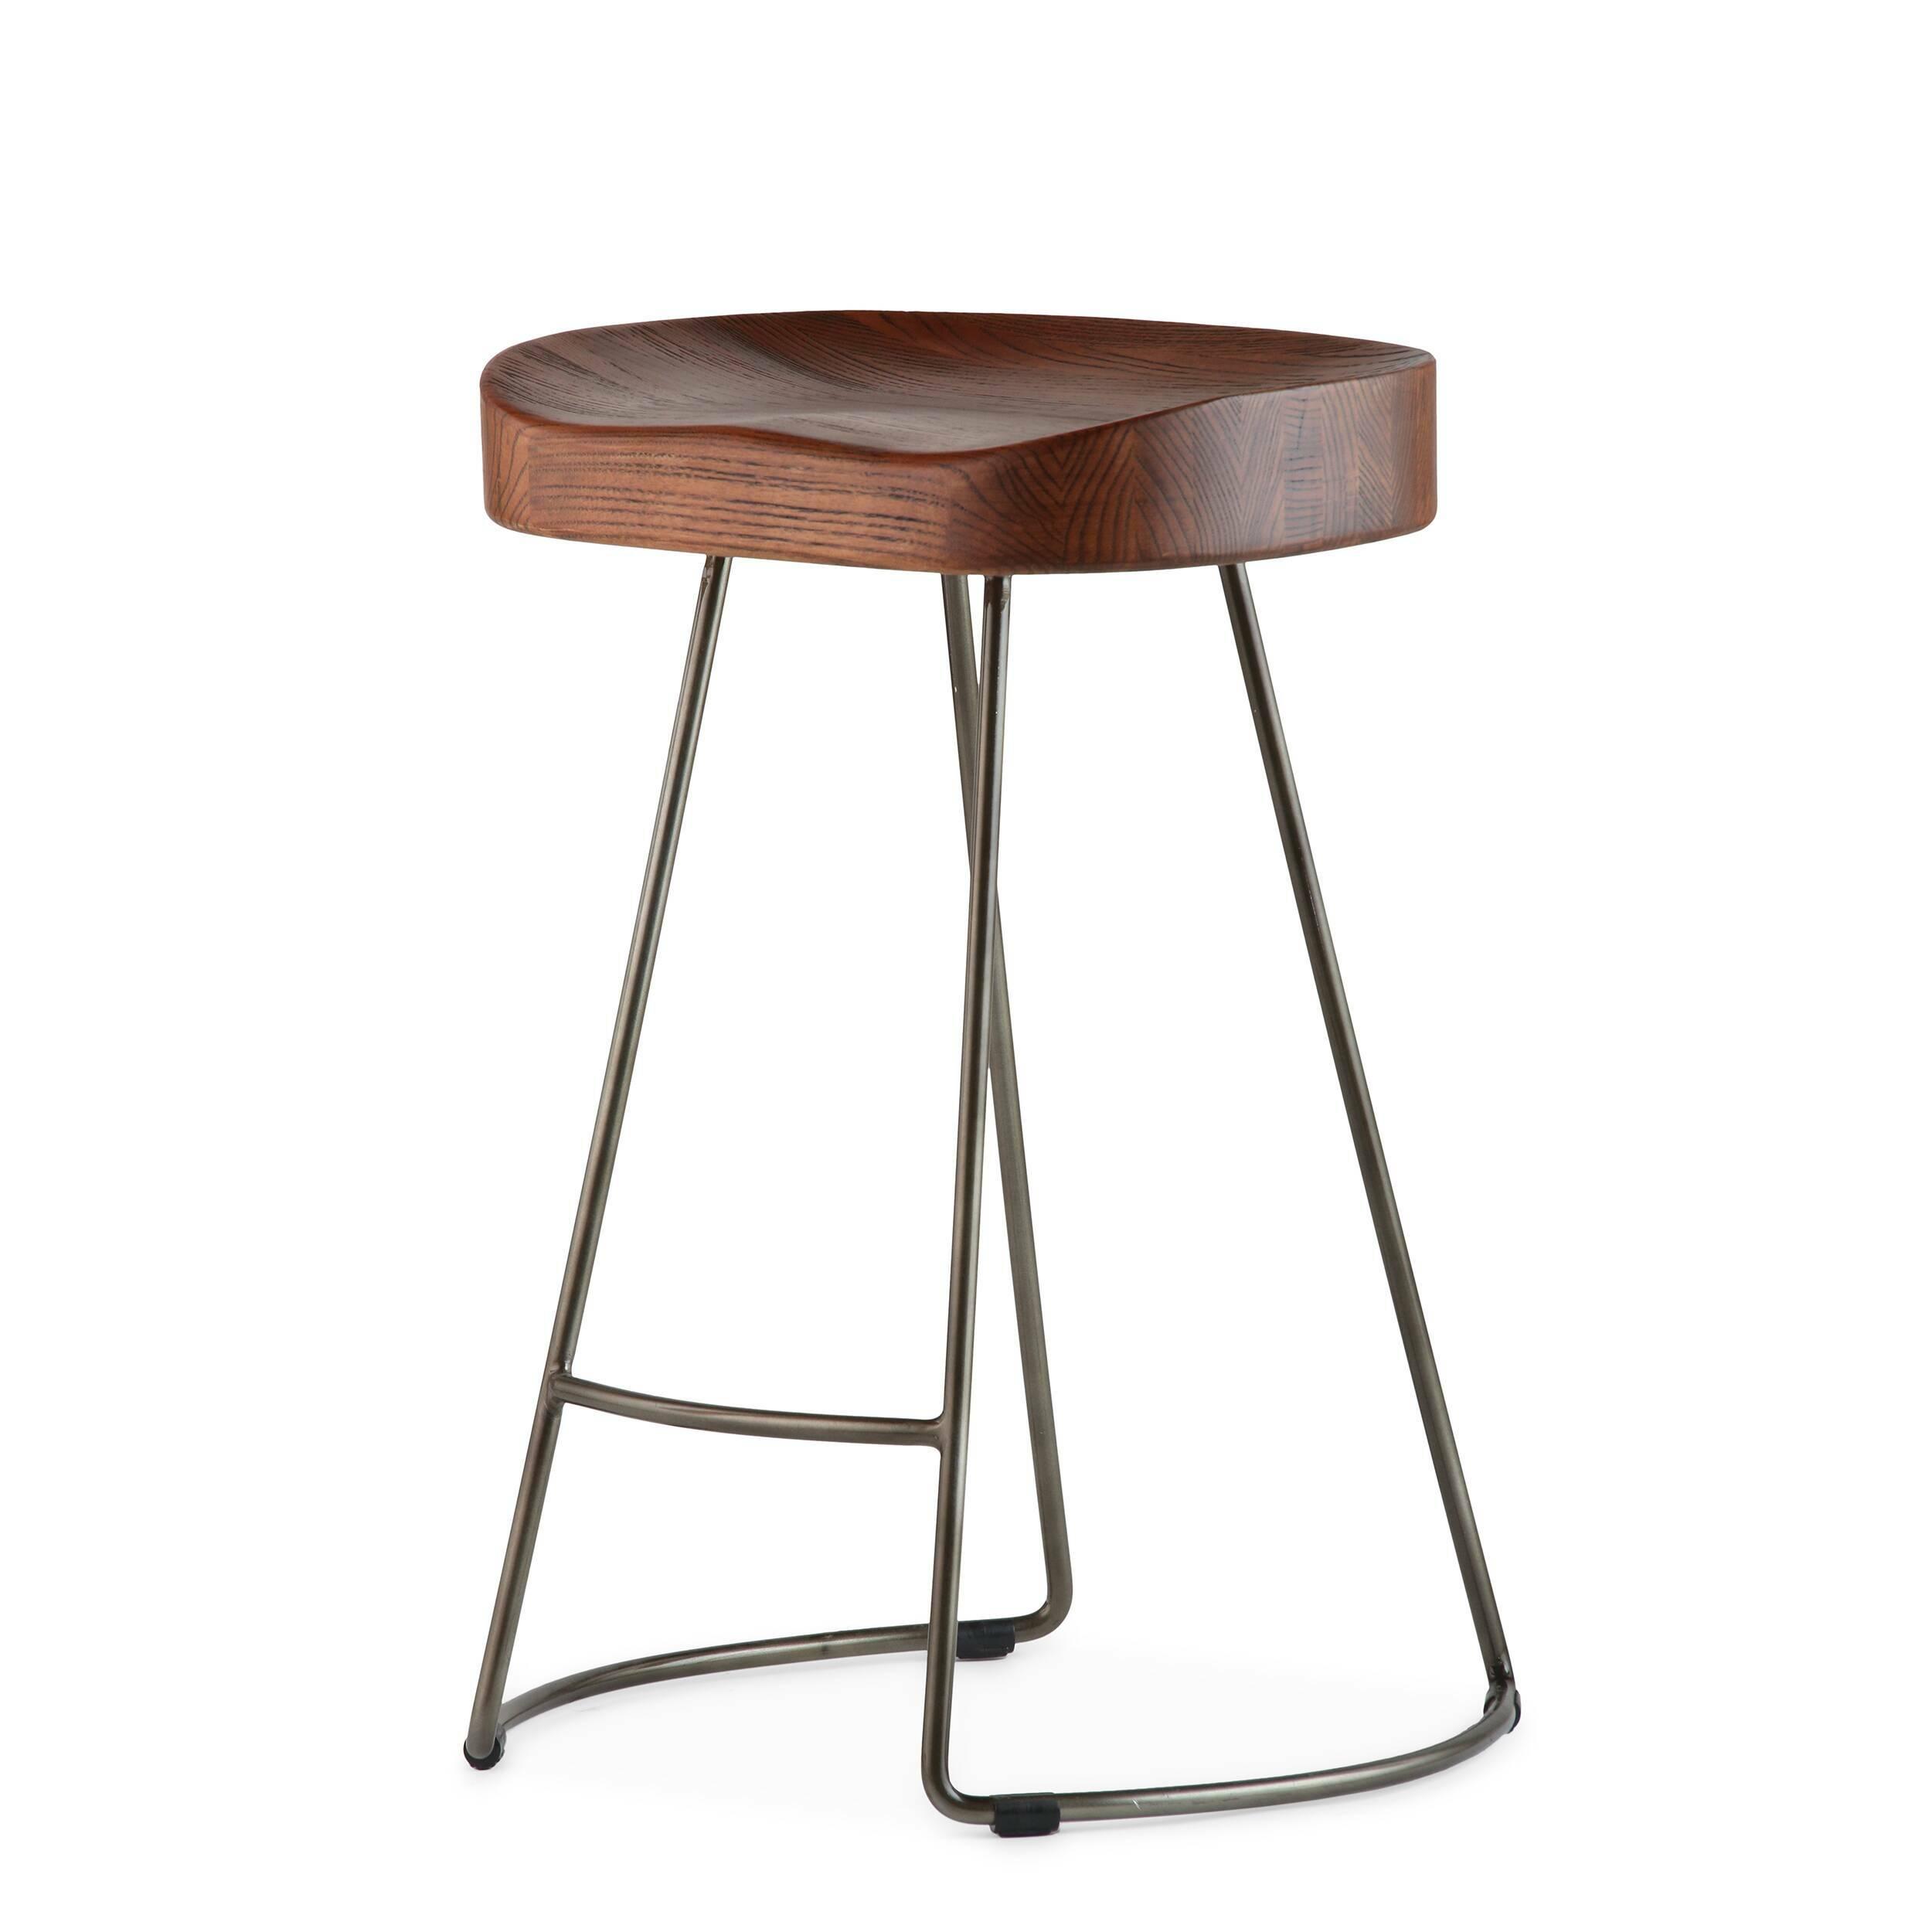 Полубарный стул RogerПолубарные<br>Присядьте на полубарный стул Roger и испытайте на себе высокий уровень комфорта. Стильный полубарный стул Roger от компании Cosmo выполнен в стилистике гранж. Натуральная текстура темного дерева, блеск металлических ножек делают стул привлекательным, но при этом сдержанным. Этот стул относится к той категории мебели, которая становится со временем только краше. Любые потертости или другие механические повреждения внесут особый шарм в общий облик изделия.<br> <br> На ножках стула, которые для обще...<br><br>stock: 0<br>Высота: 62,5<br>Ширина: 45,5<br>Глубина: 41<br>Тип материала каркаса: Сталь<br>Материал сидения: Массив ивы<br>Цвет сидения: Темно-коричневый<br>Тип материала сидения: Дерево<br>Цвет каркаса: Бронза пушечная